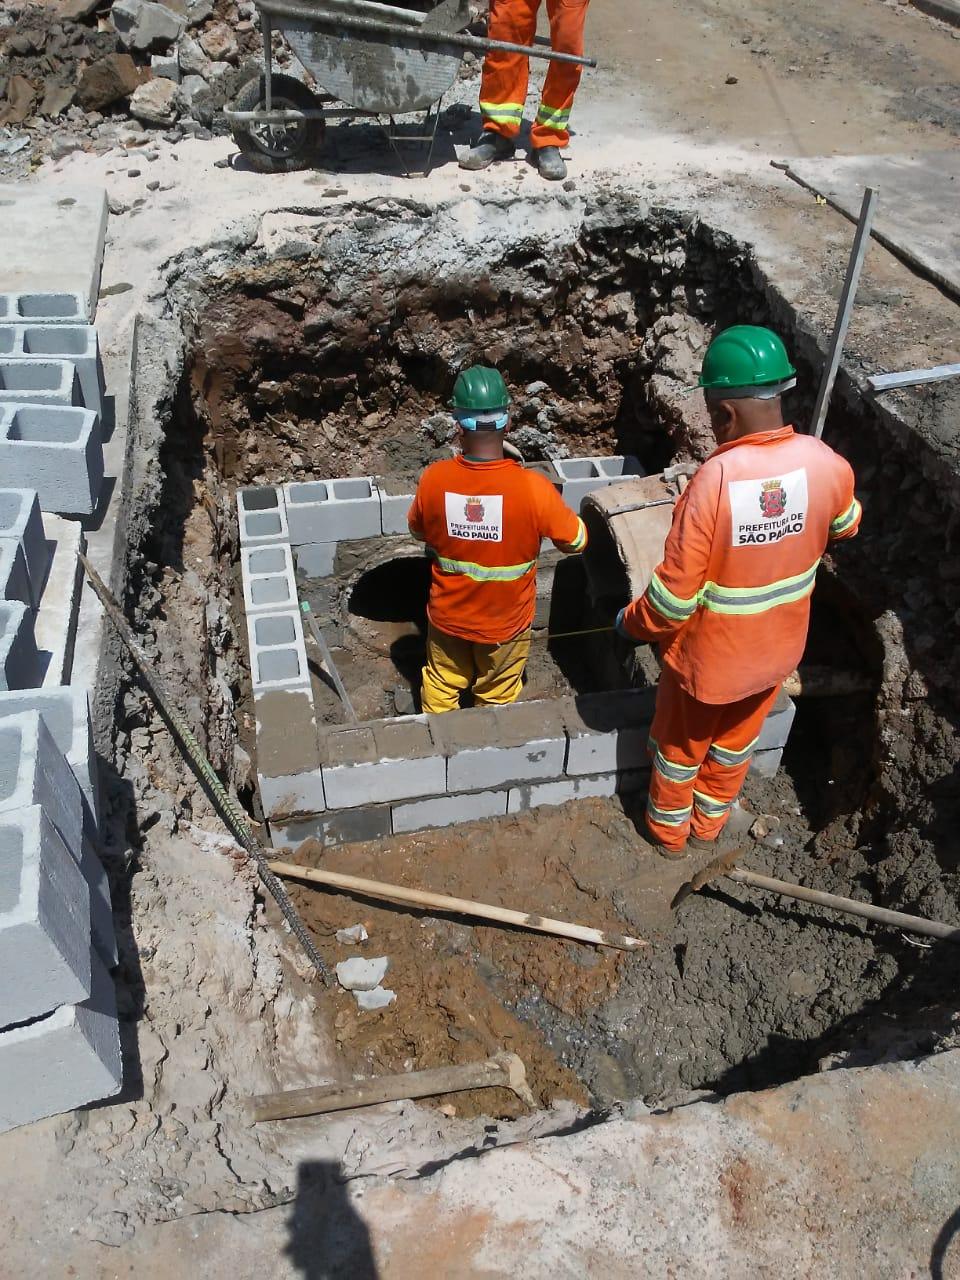 #PraCegoVer - Trabalhadores da Subprefeitura constróem caixa da galeria de águas pluviais. Há blocos de cimento e um carrinho de mão.